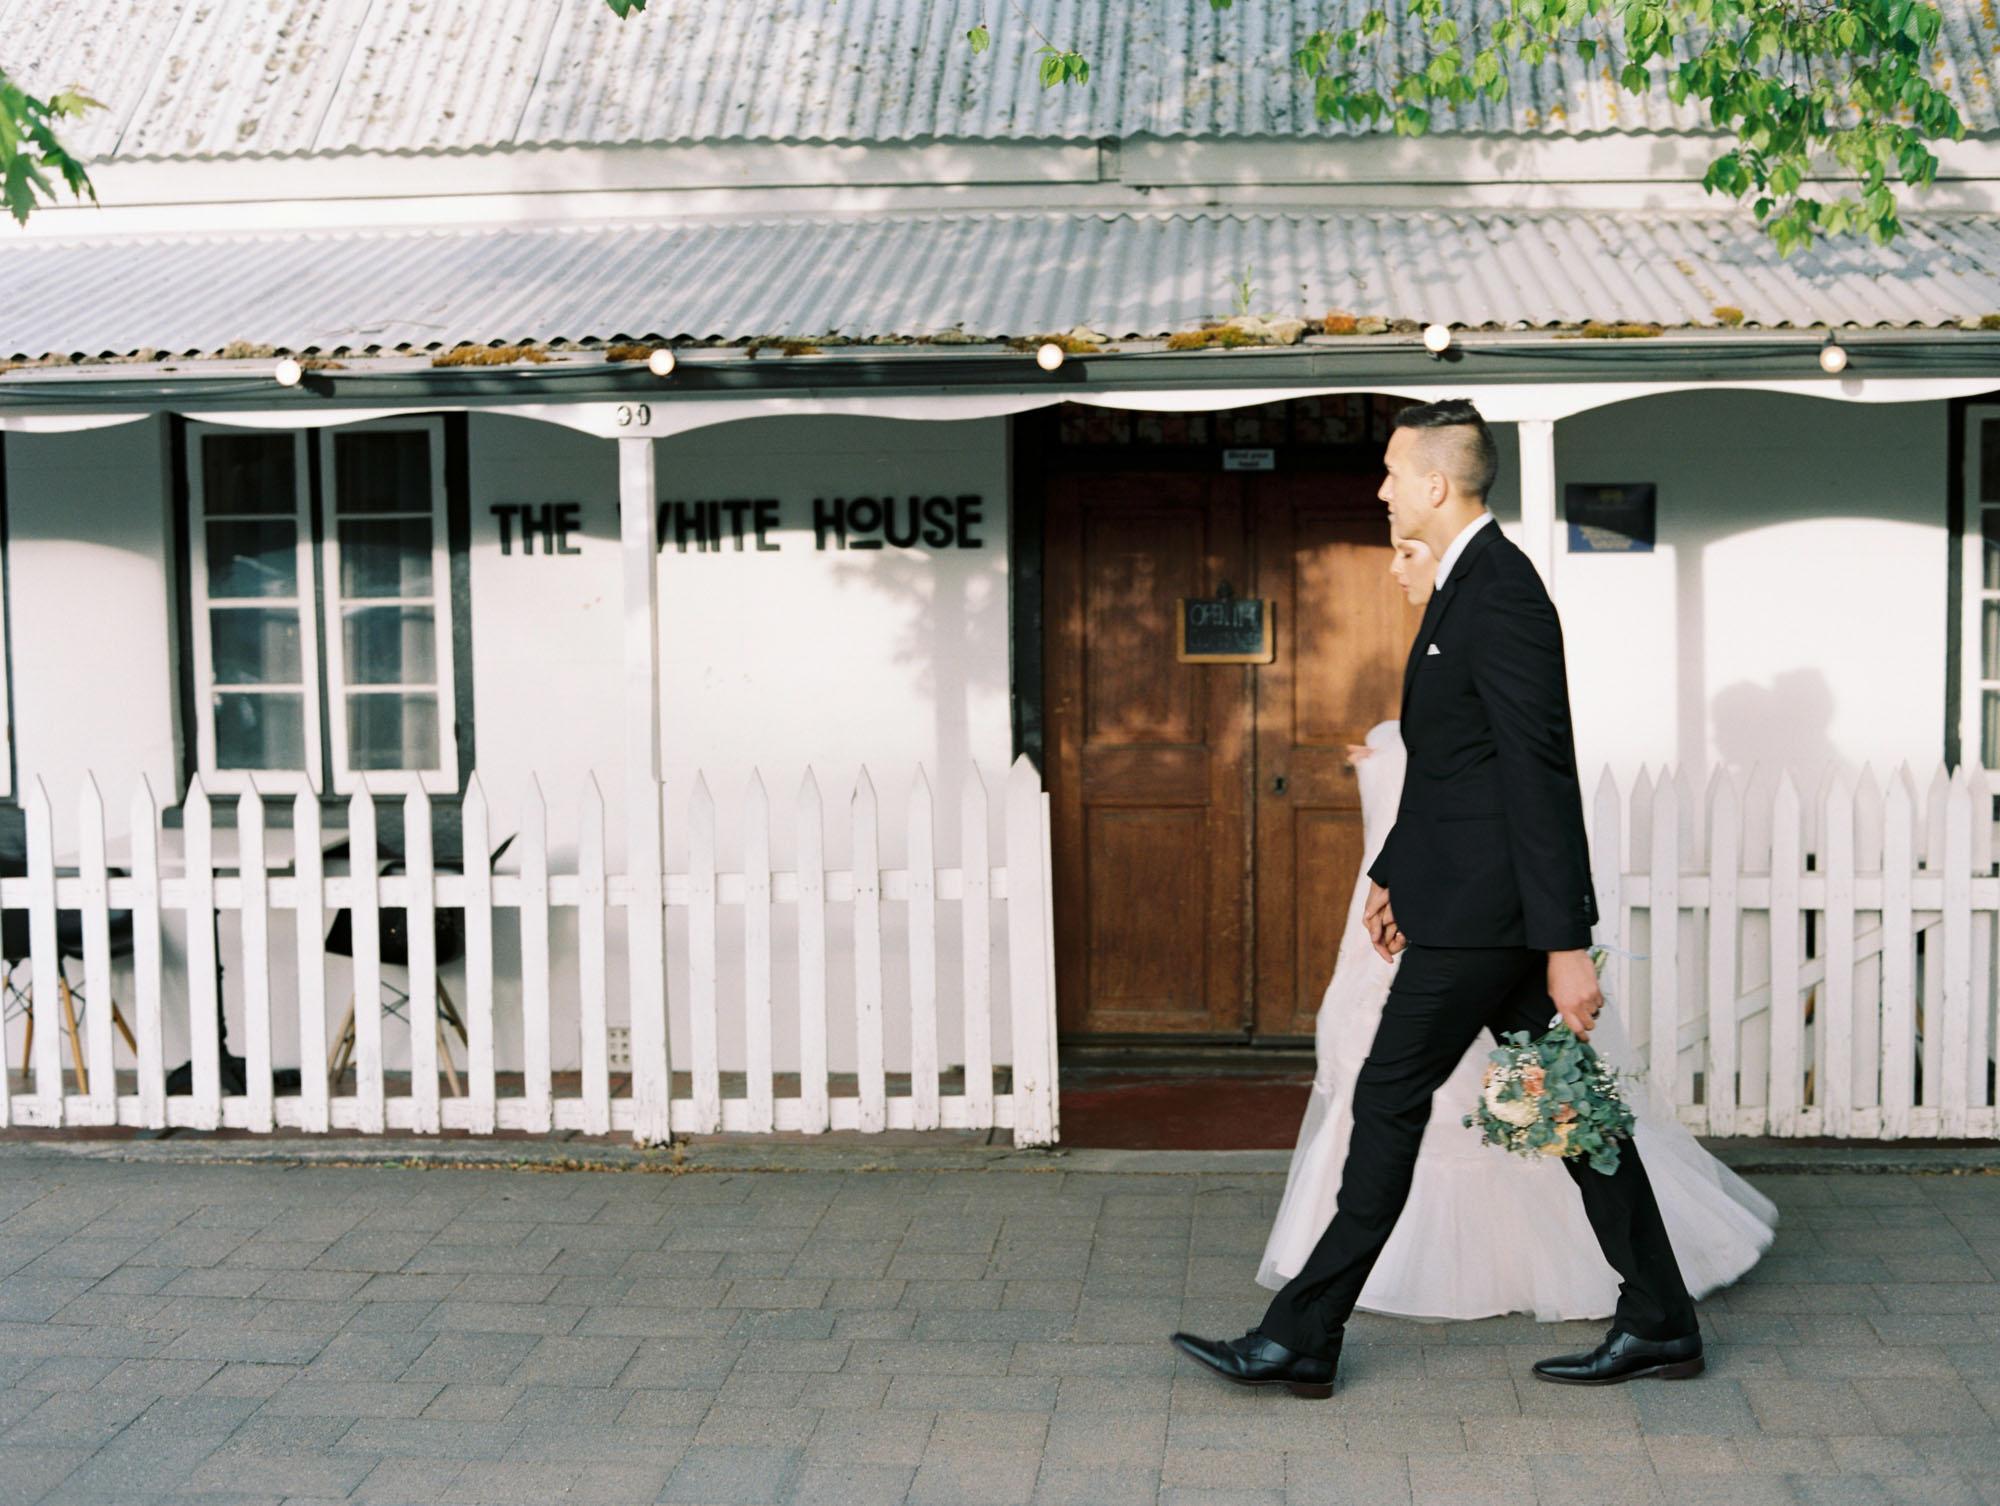 Whitehouse-hahndorf-wedding-photography-087.jpg